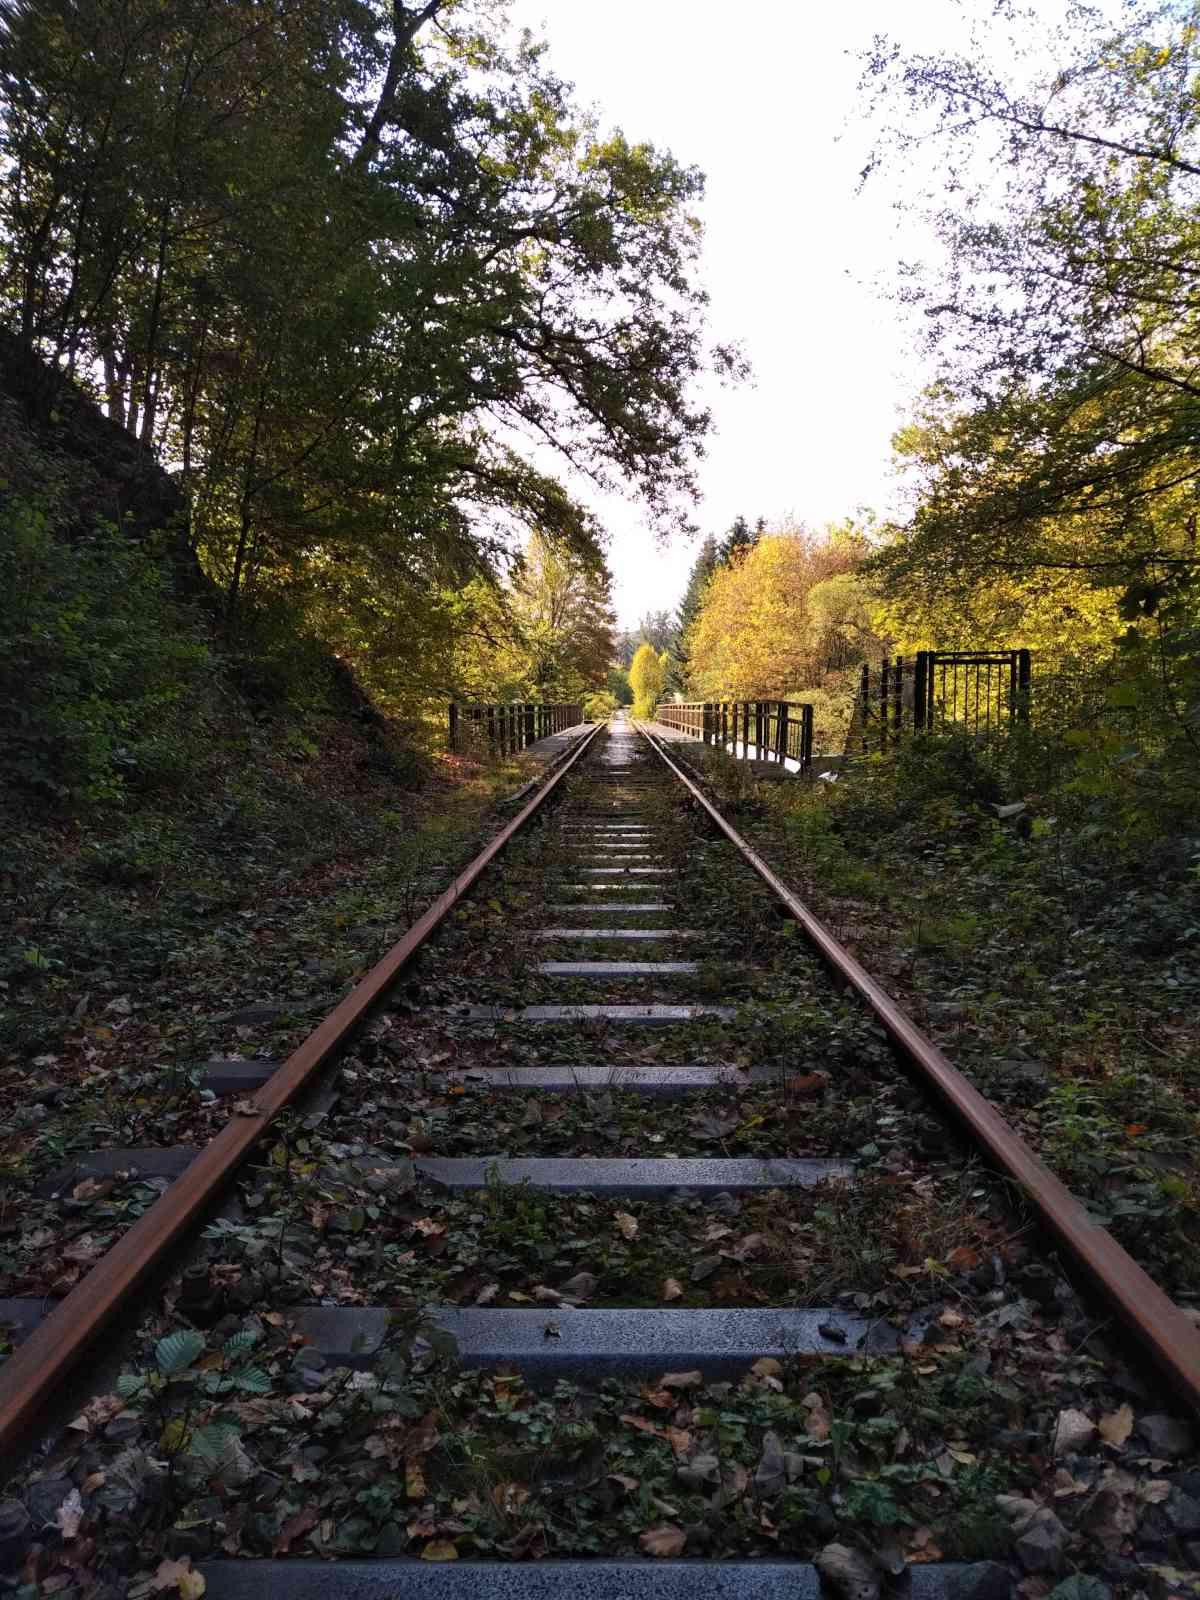 Biber-Suche an der Wuppertalsperre - Die erste Eisenbahnbrücke